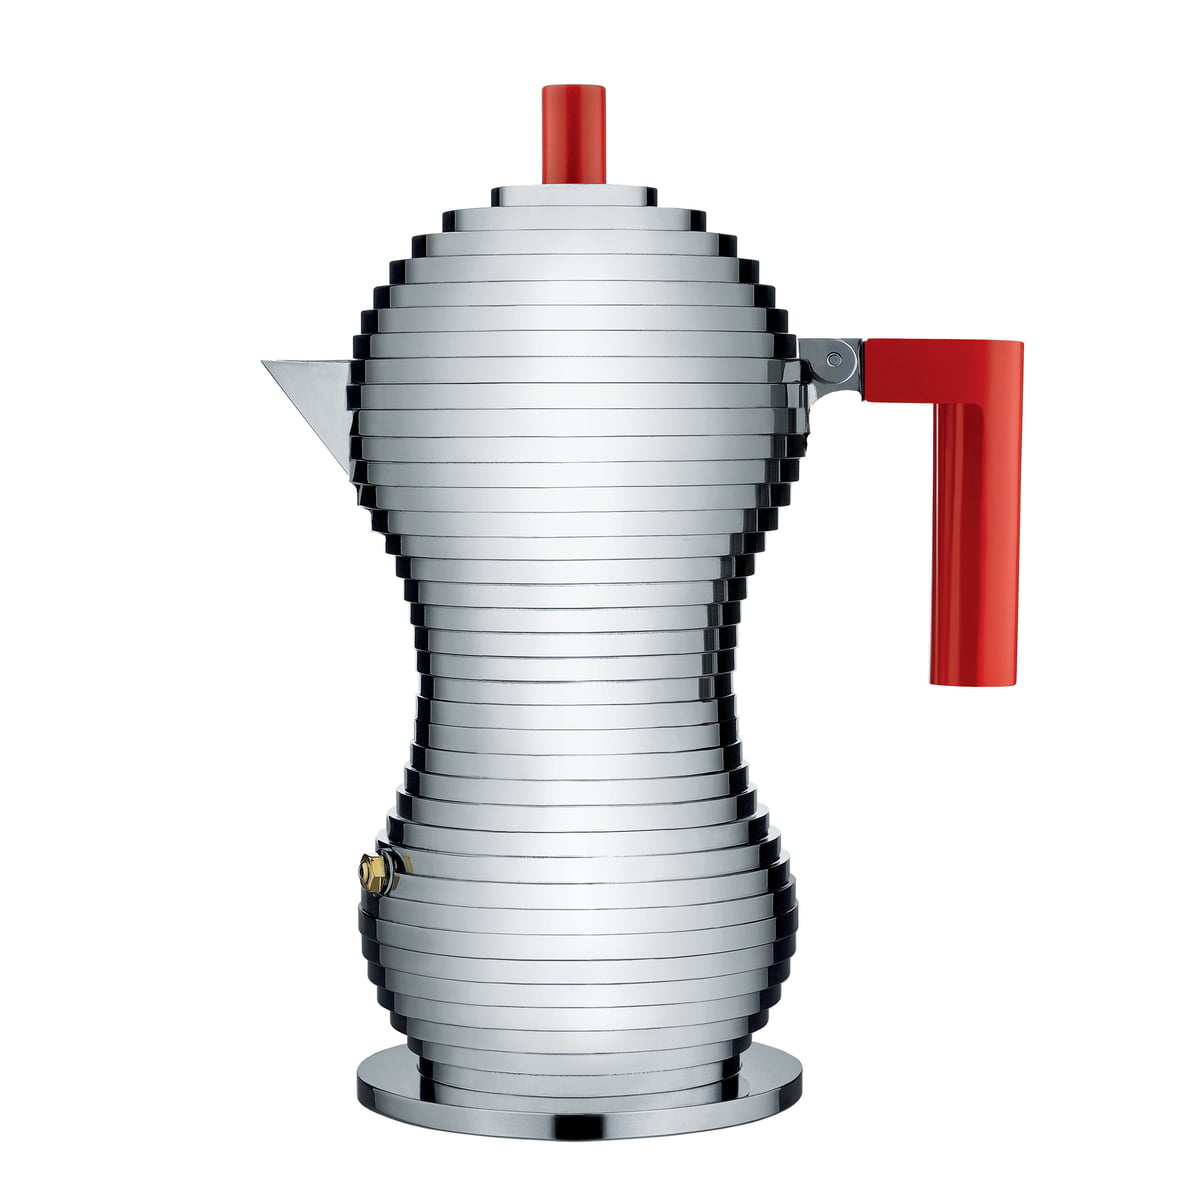 Alessi - Pulcina Espressokocher, 30 cl / rot | Küche und Esszimmer > Kaffee und Tee | Aluminium | Gußaluminium -  griff und knopf aus polyamide | Alessi